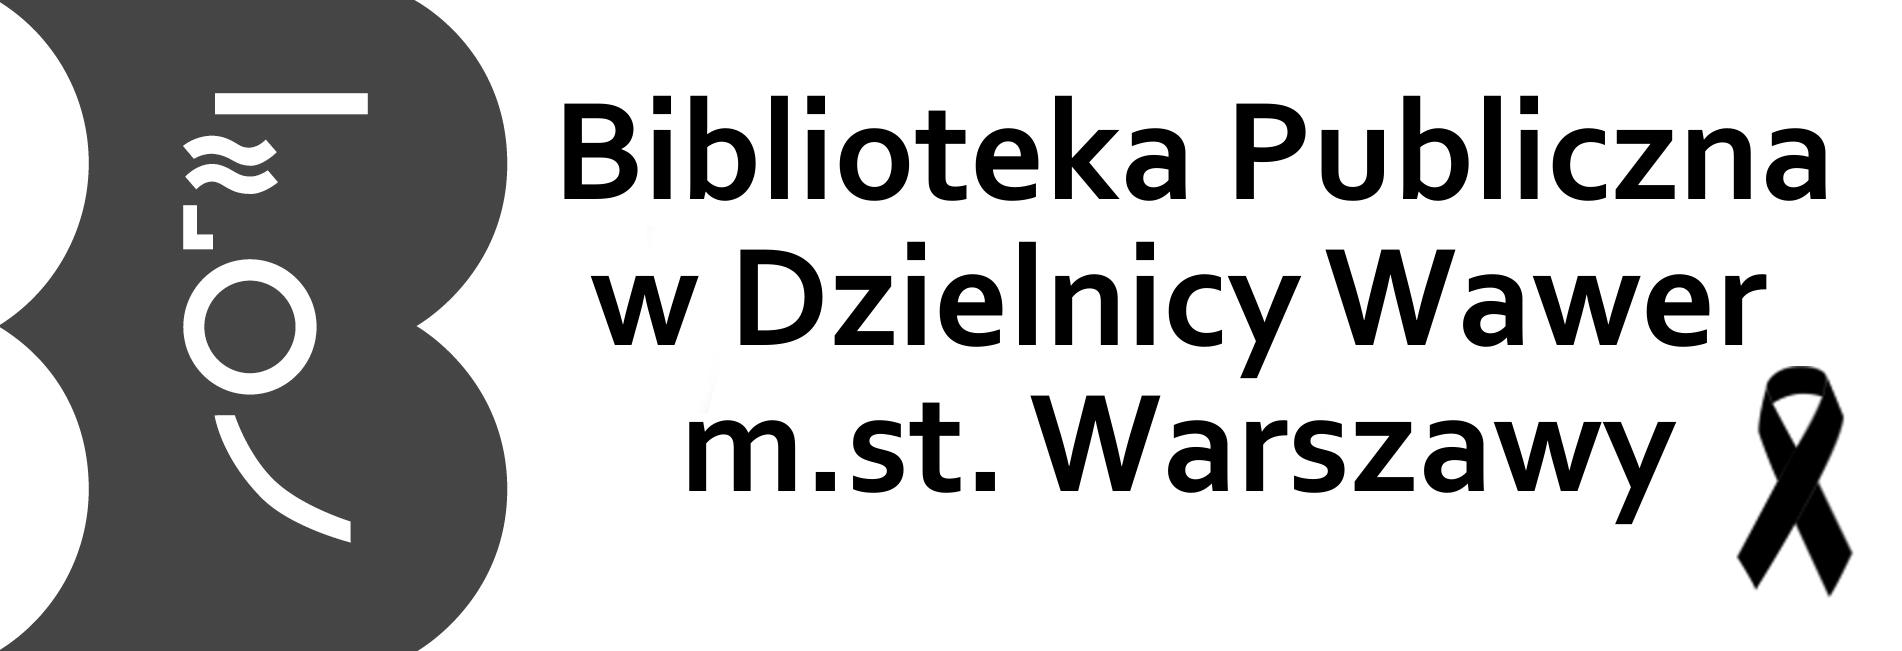 Biblioteka Publiczna w dzielnicy Wawer m.st. Warszawa